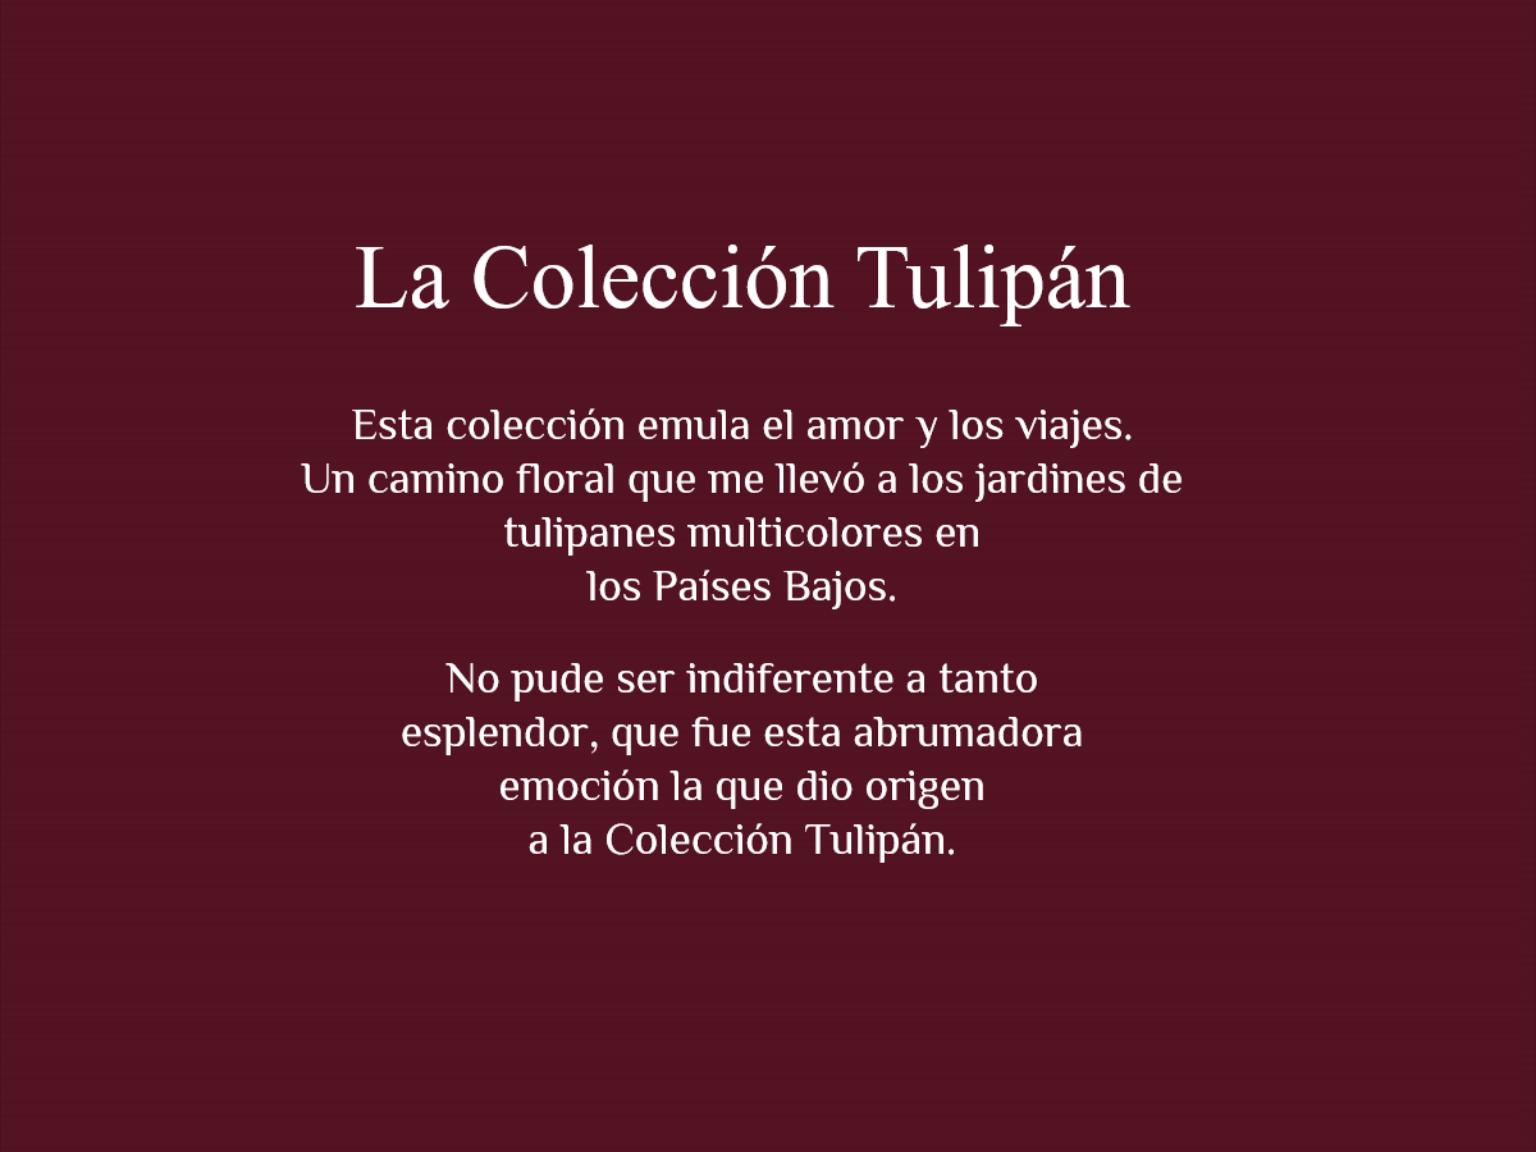 la coleccion tulipan 4